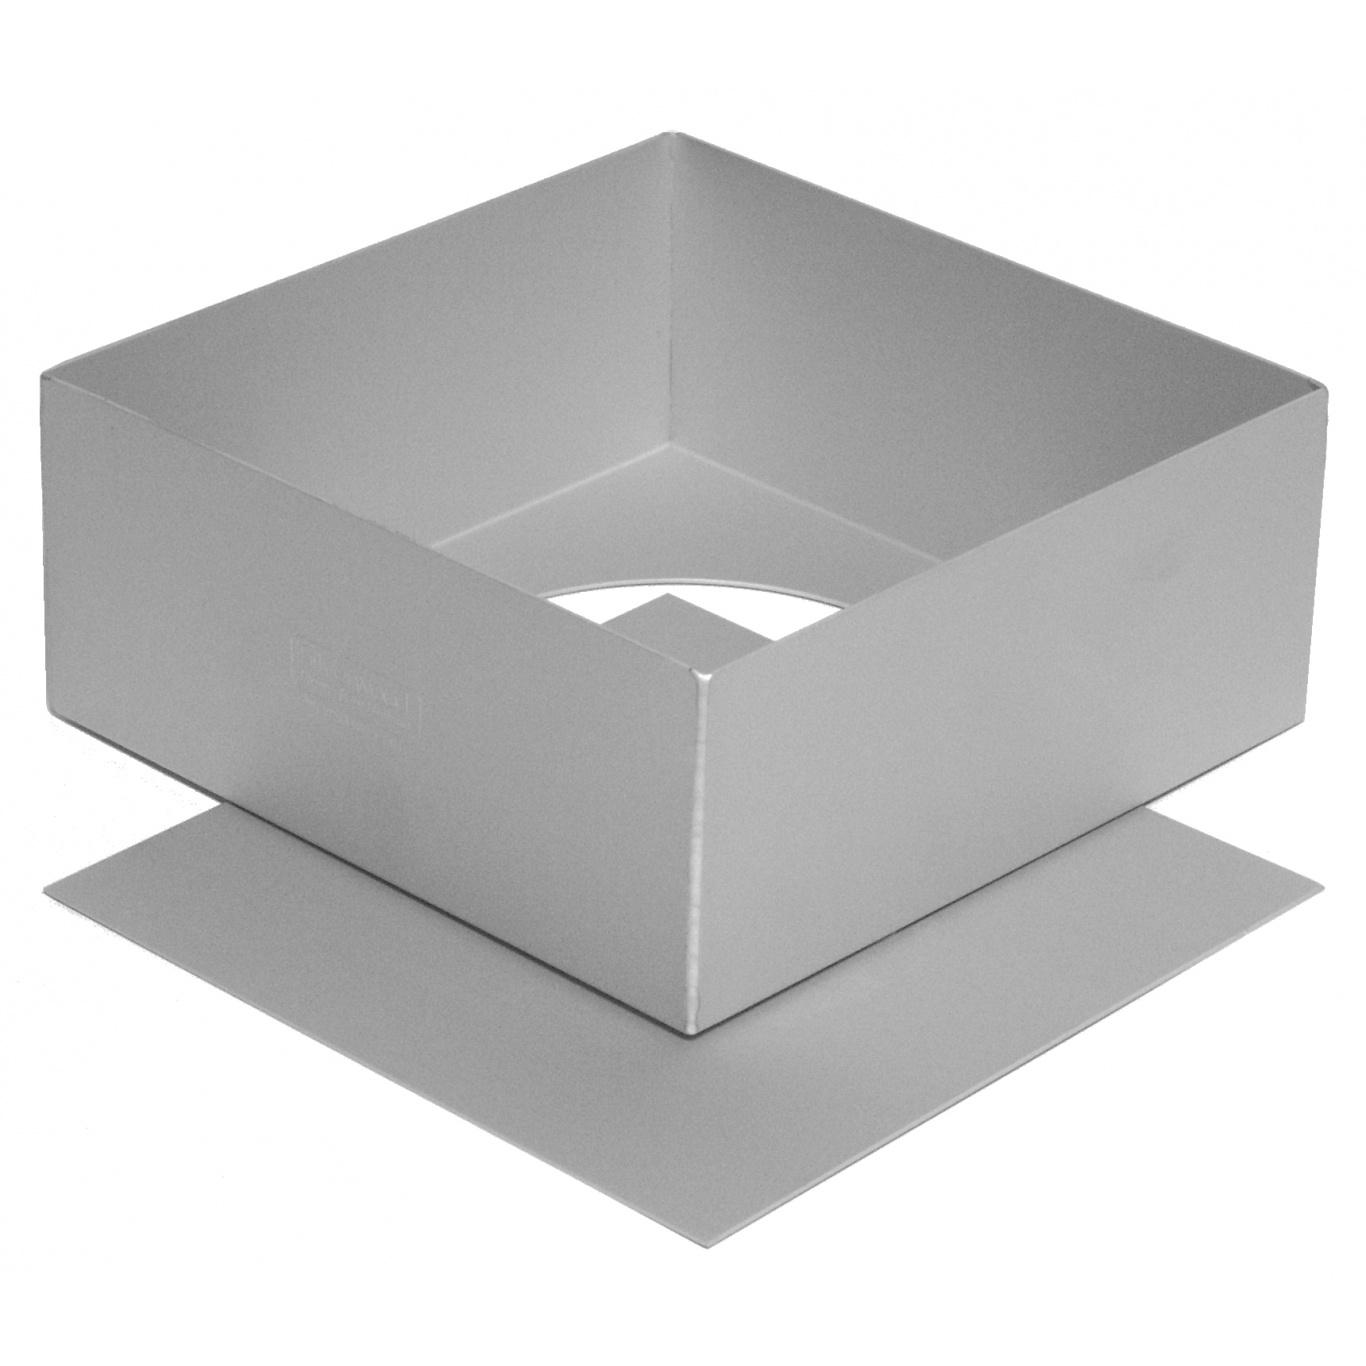 Image of Silverwood Square Cake Pan Loose Base 7ins/18cm